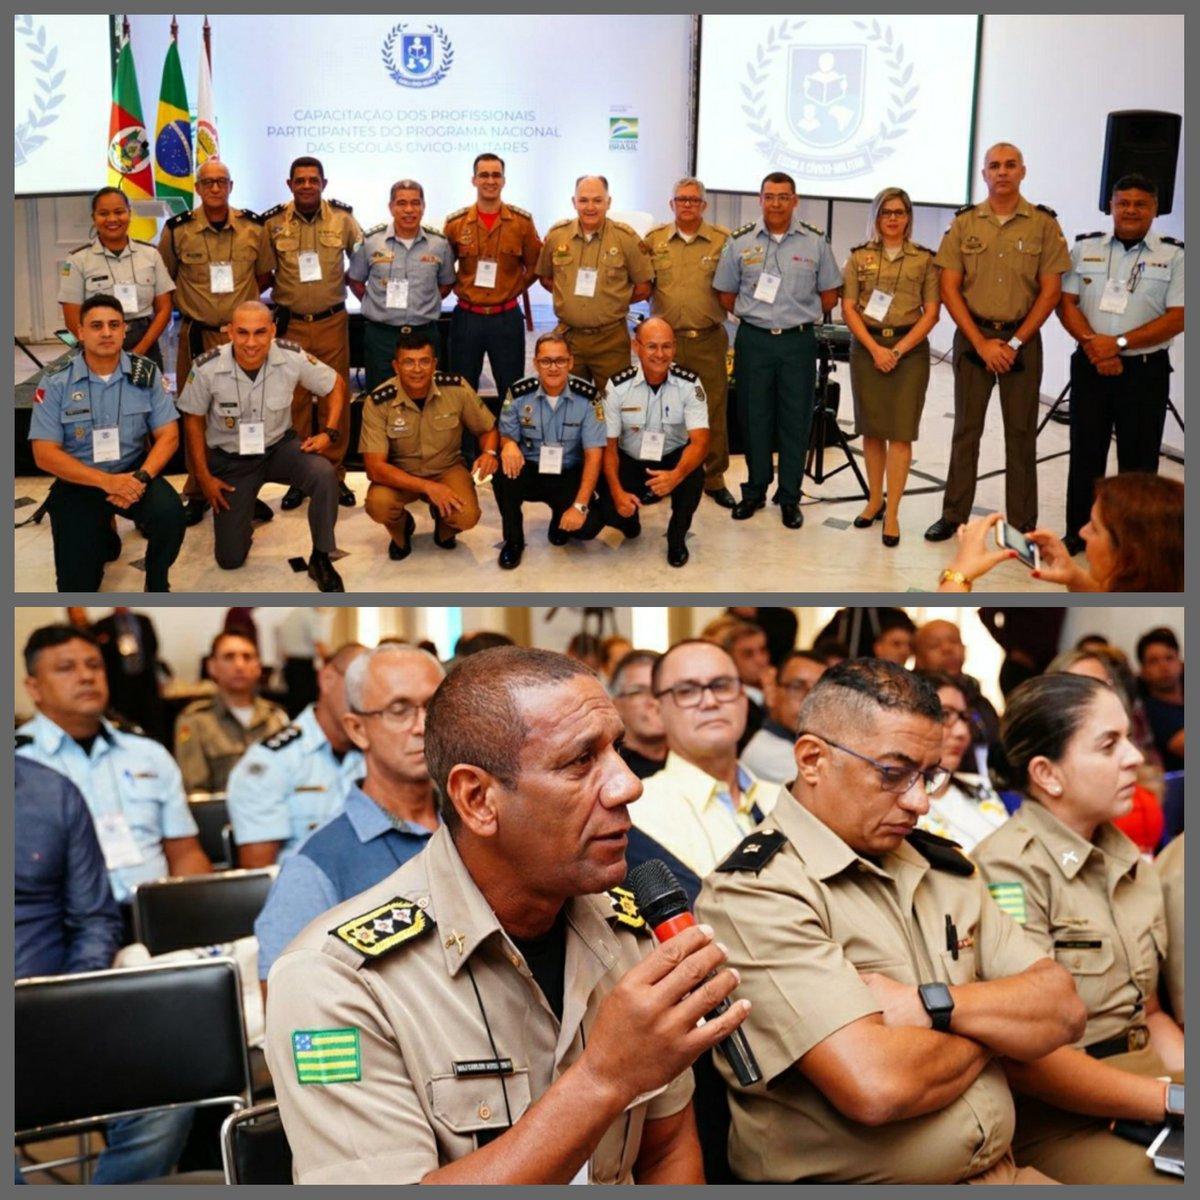 No RS, mais uma rodada de capacitações para implementação das 54 escolas cívico-militares de 2020 (Governo @jairbolsonaro). Policiais, bombeiros e gestores de Secretarias de Educação participaram. Parabéns aos envolvidos nessa honrosa missão! Via @MEC_Comunicacao @AbrahamWeint